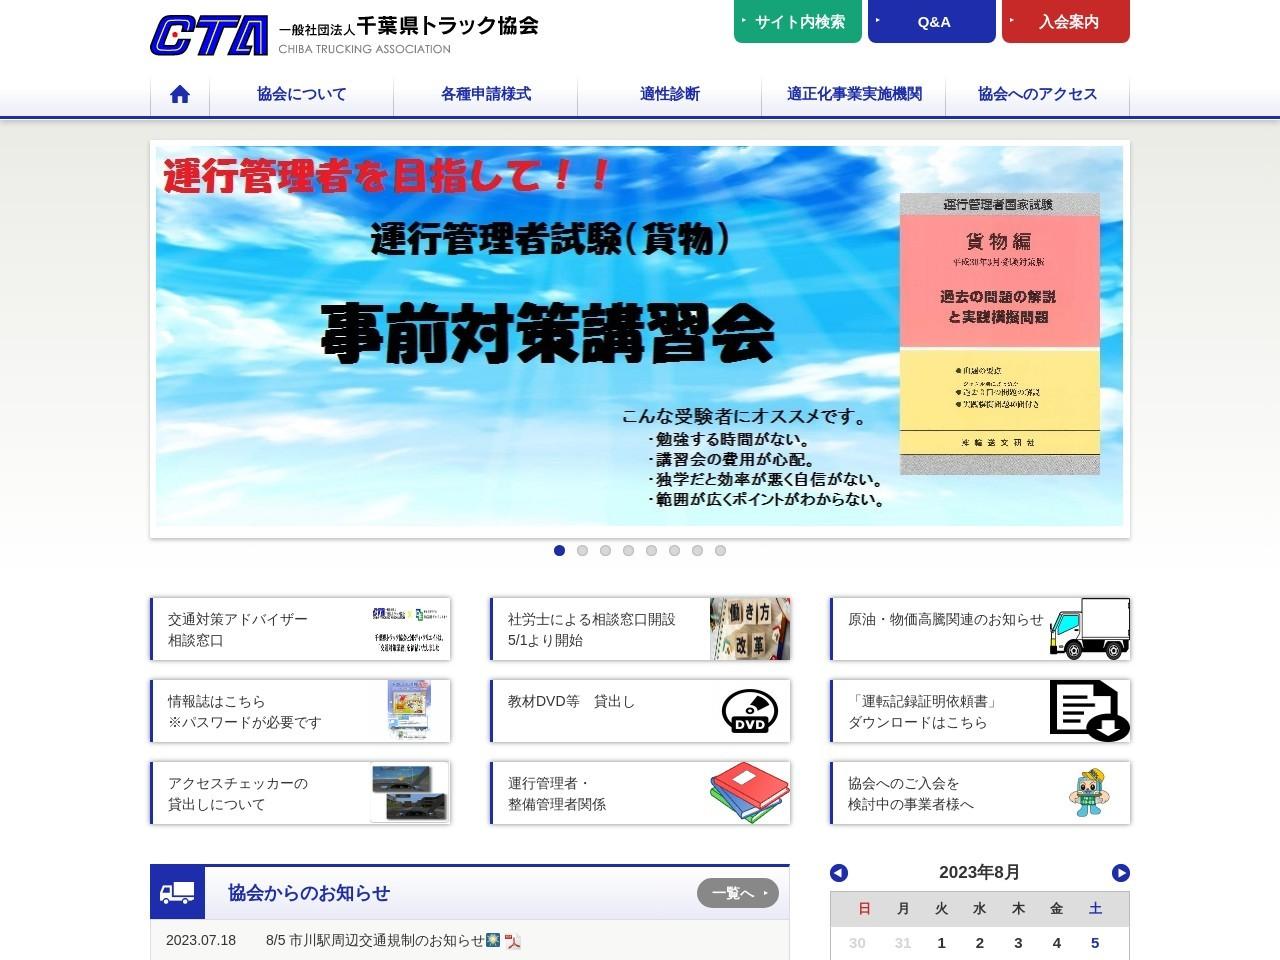 社団法人千葉県トラック協会